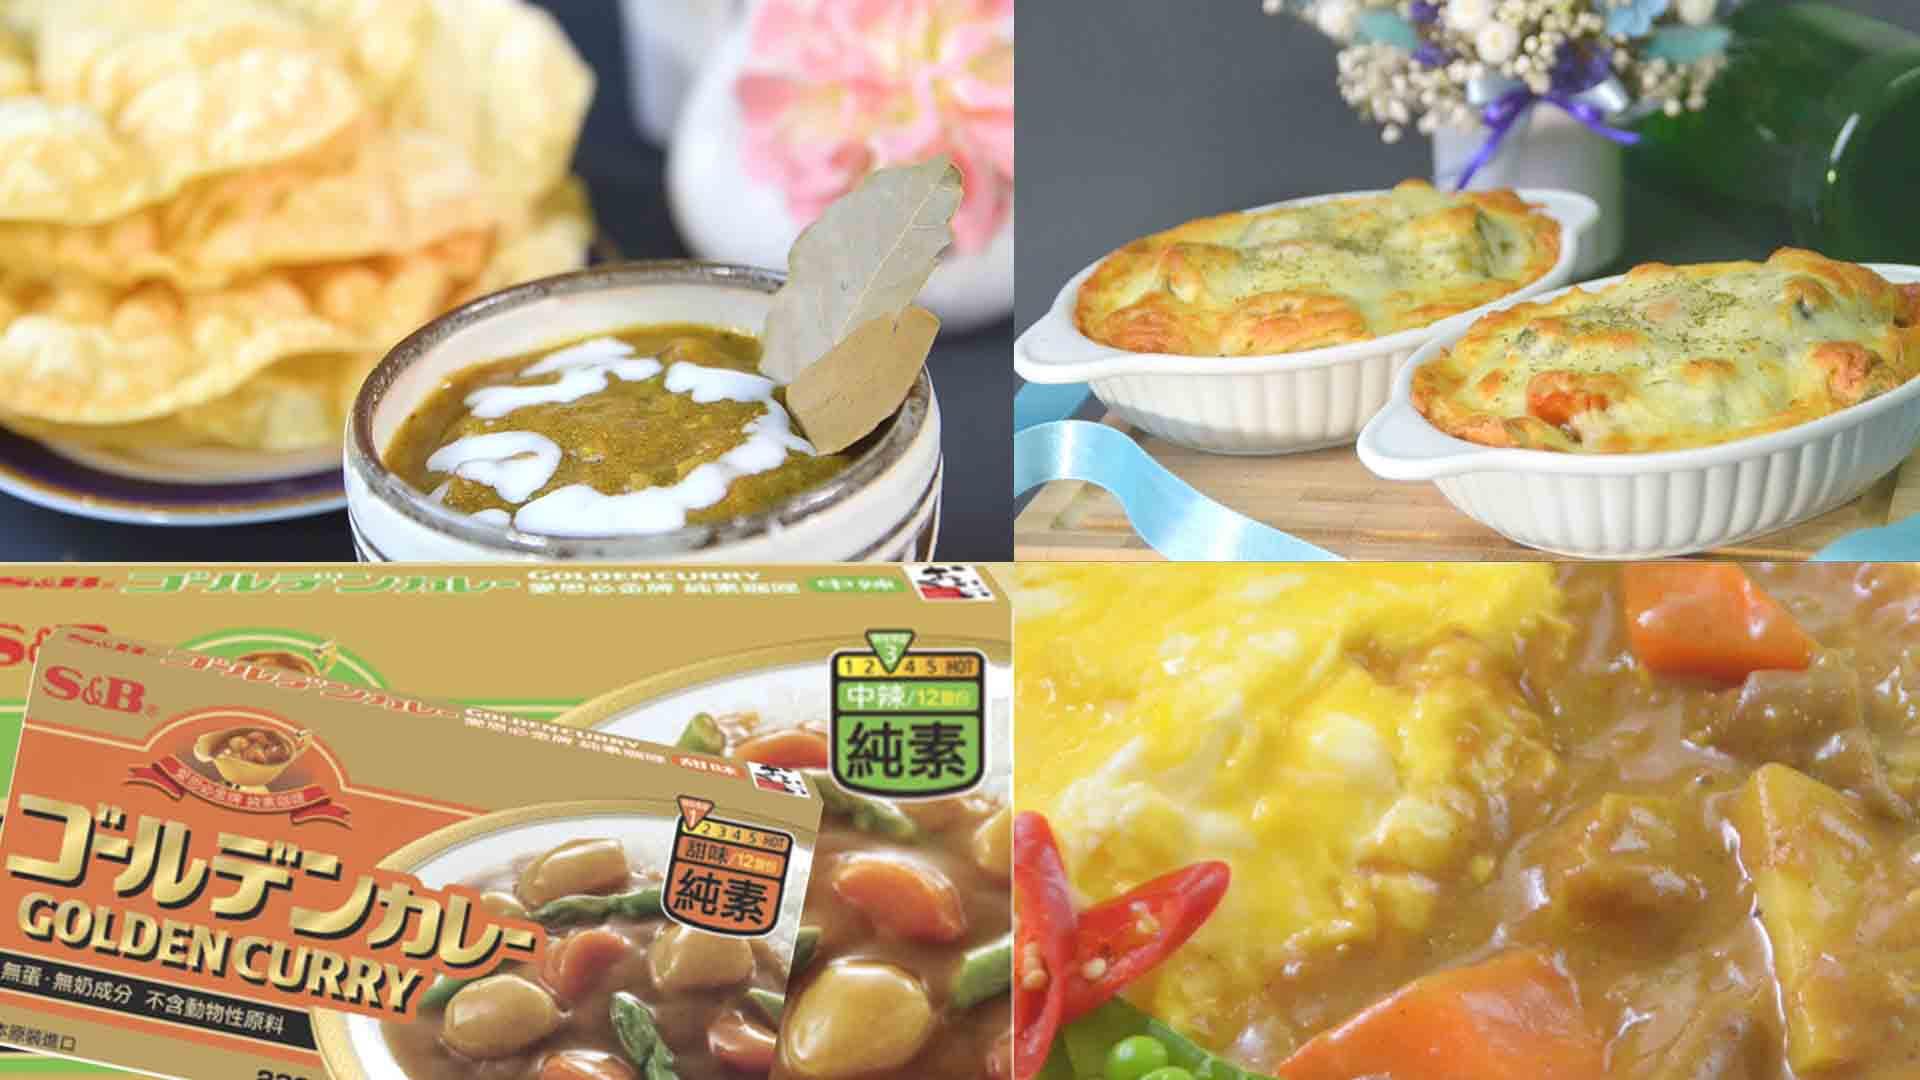 日系S&B金牌(純素)咖哩✨跨界蔬食的美味驚艷的第 1 張圖片